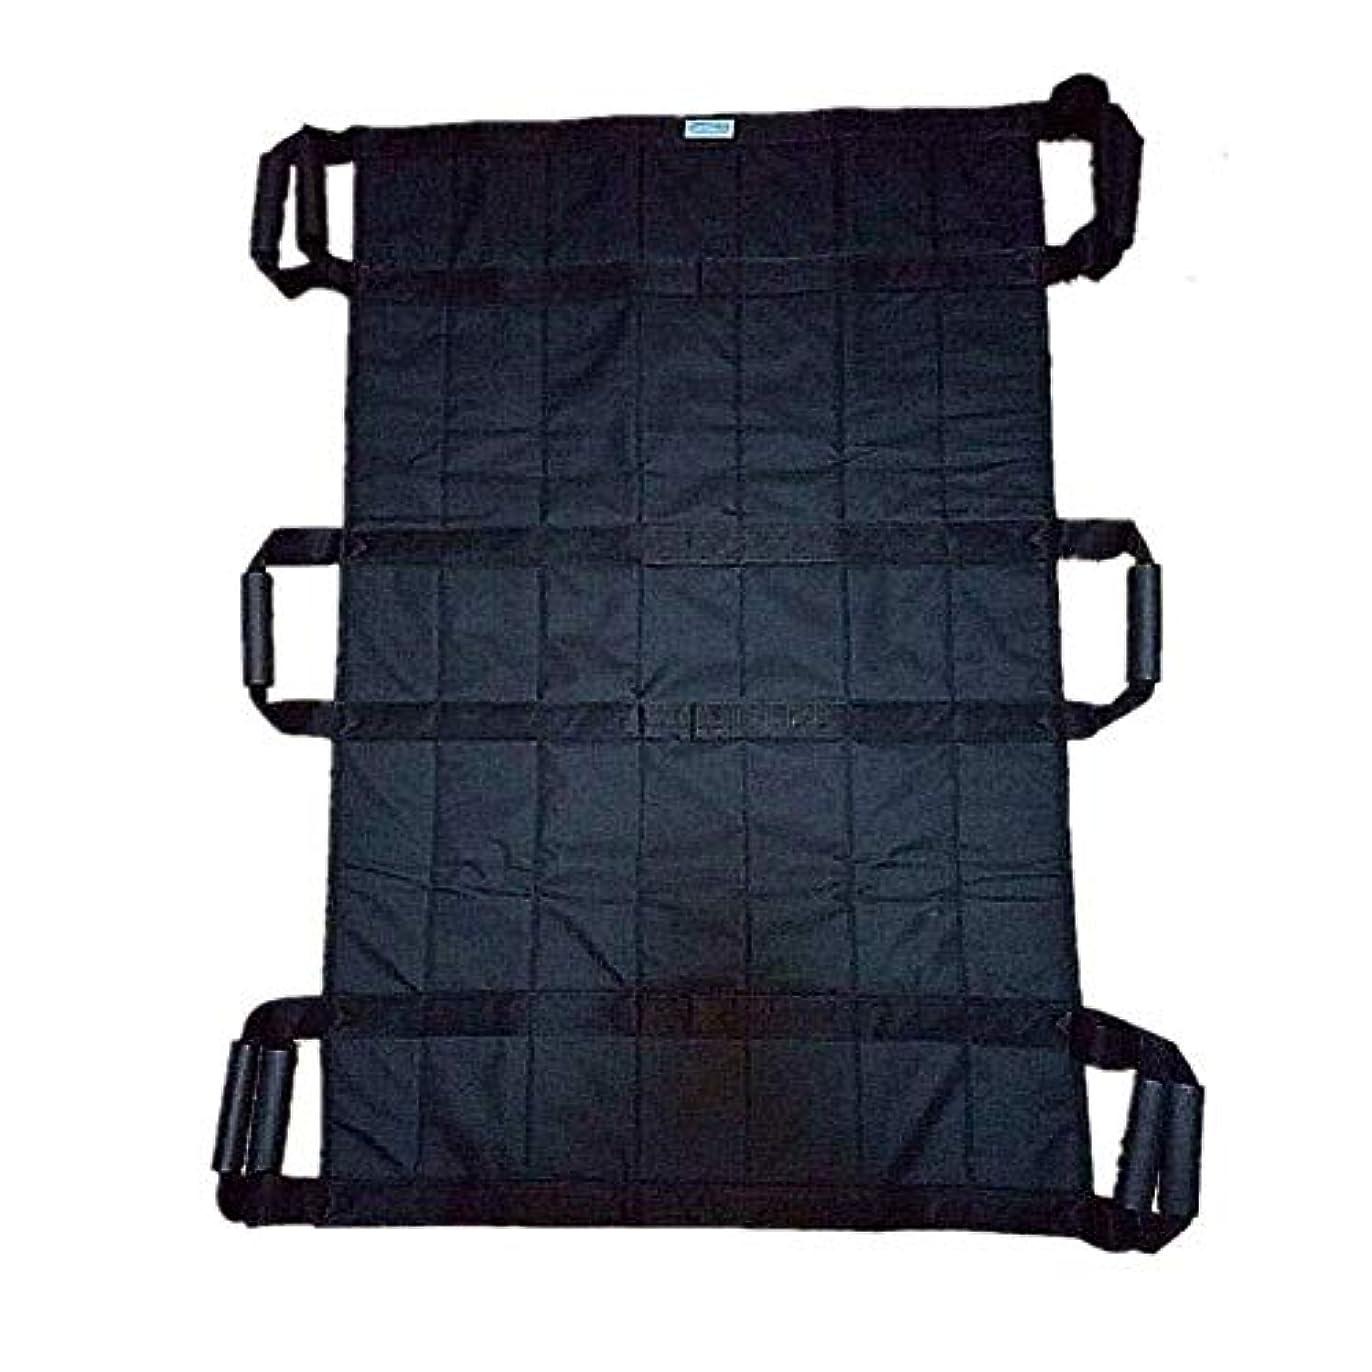 基本的なデジタル黒人トランスファーボードスライドベルト-患者リフトベッド支援デバイス-患者輸送リフトスリング-位置決めベッドパッド